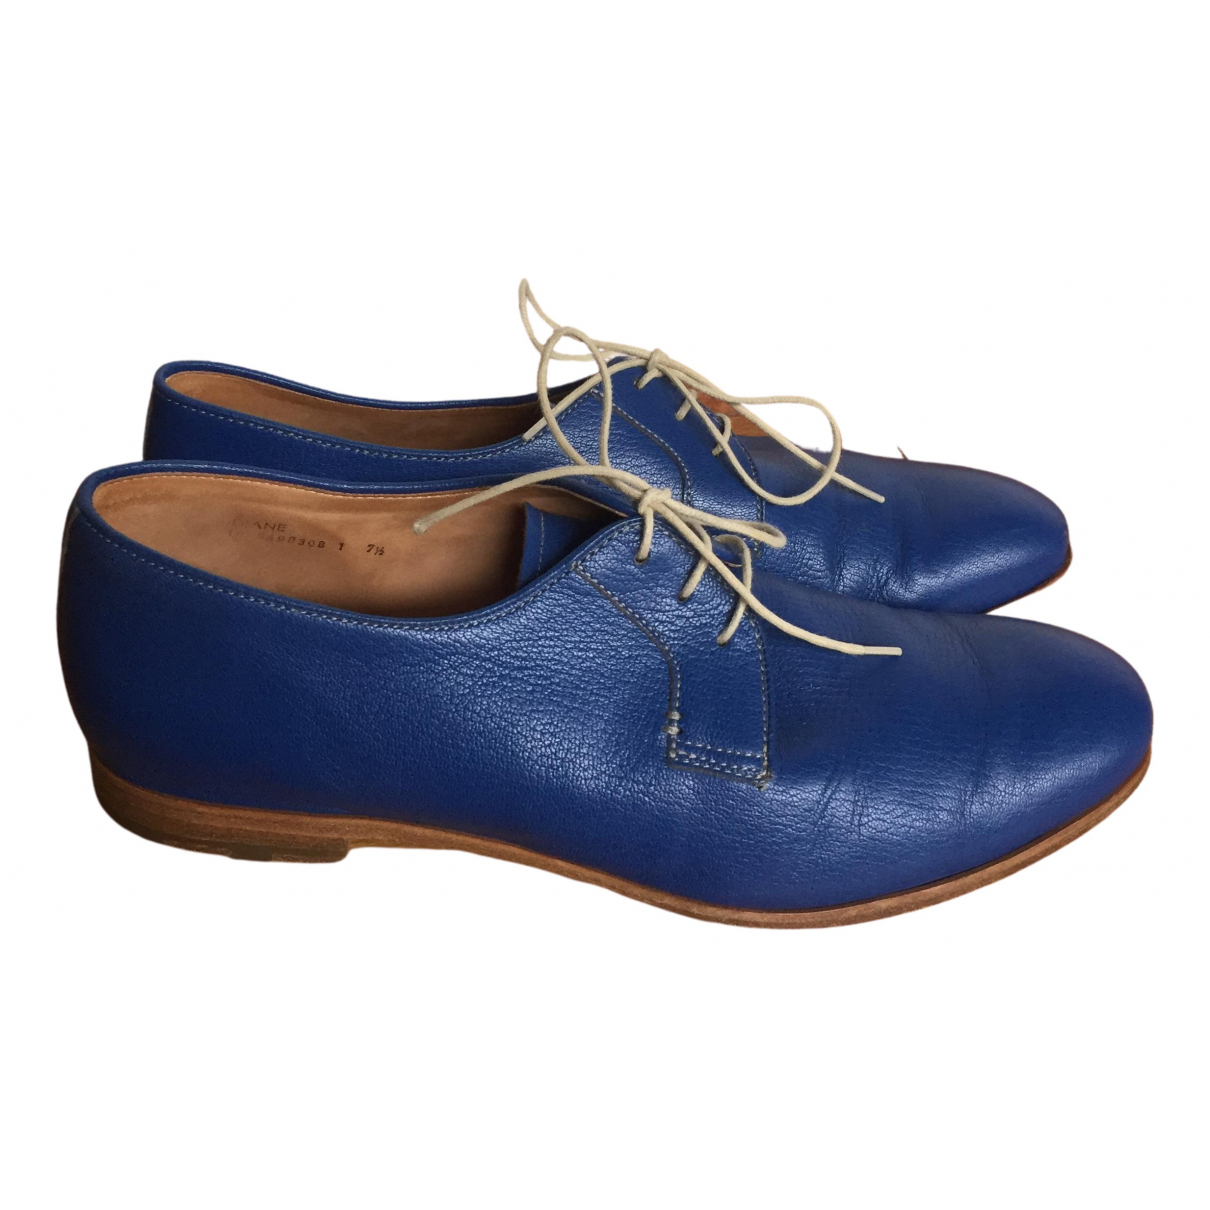 Heschung - Derbies   pour femme en cuir - bleu